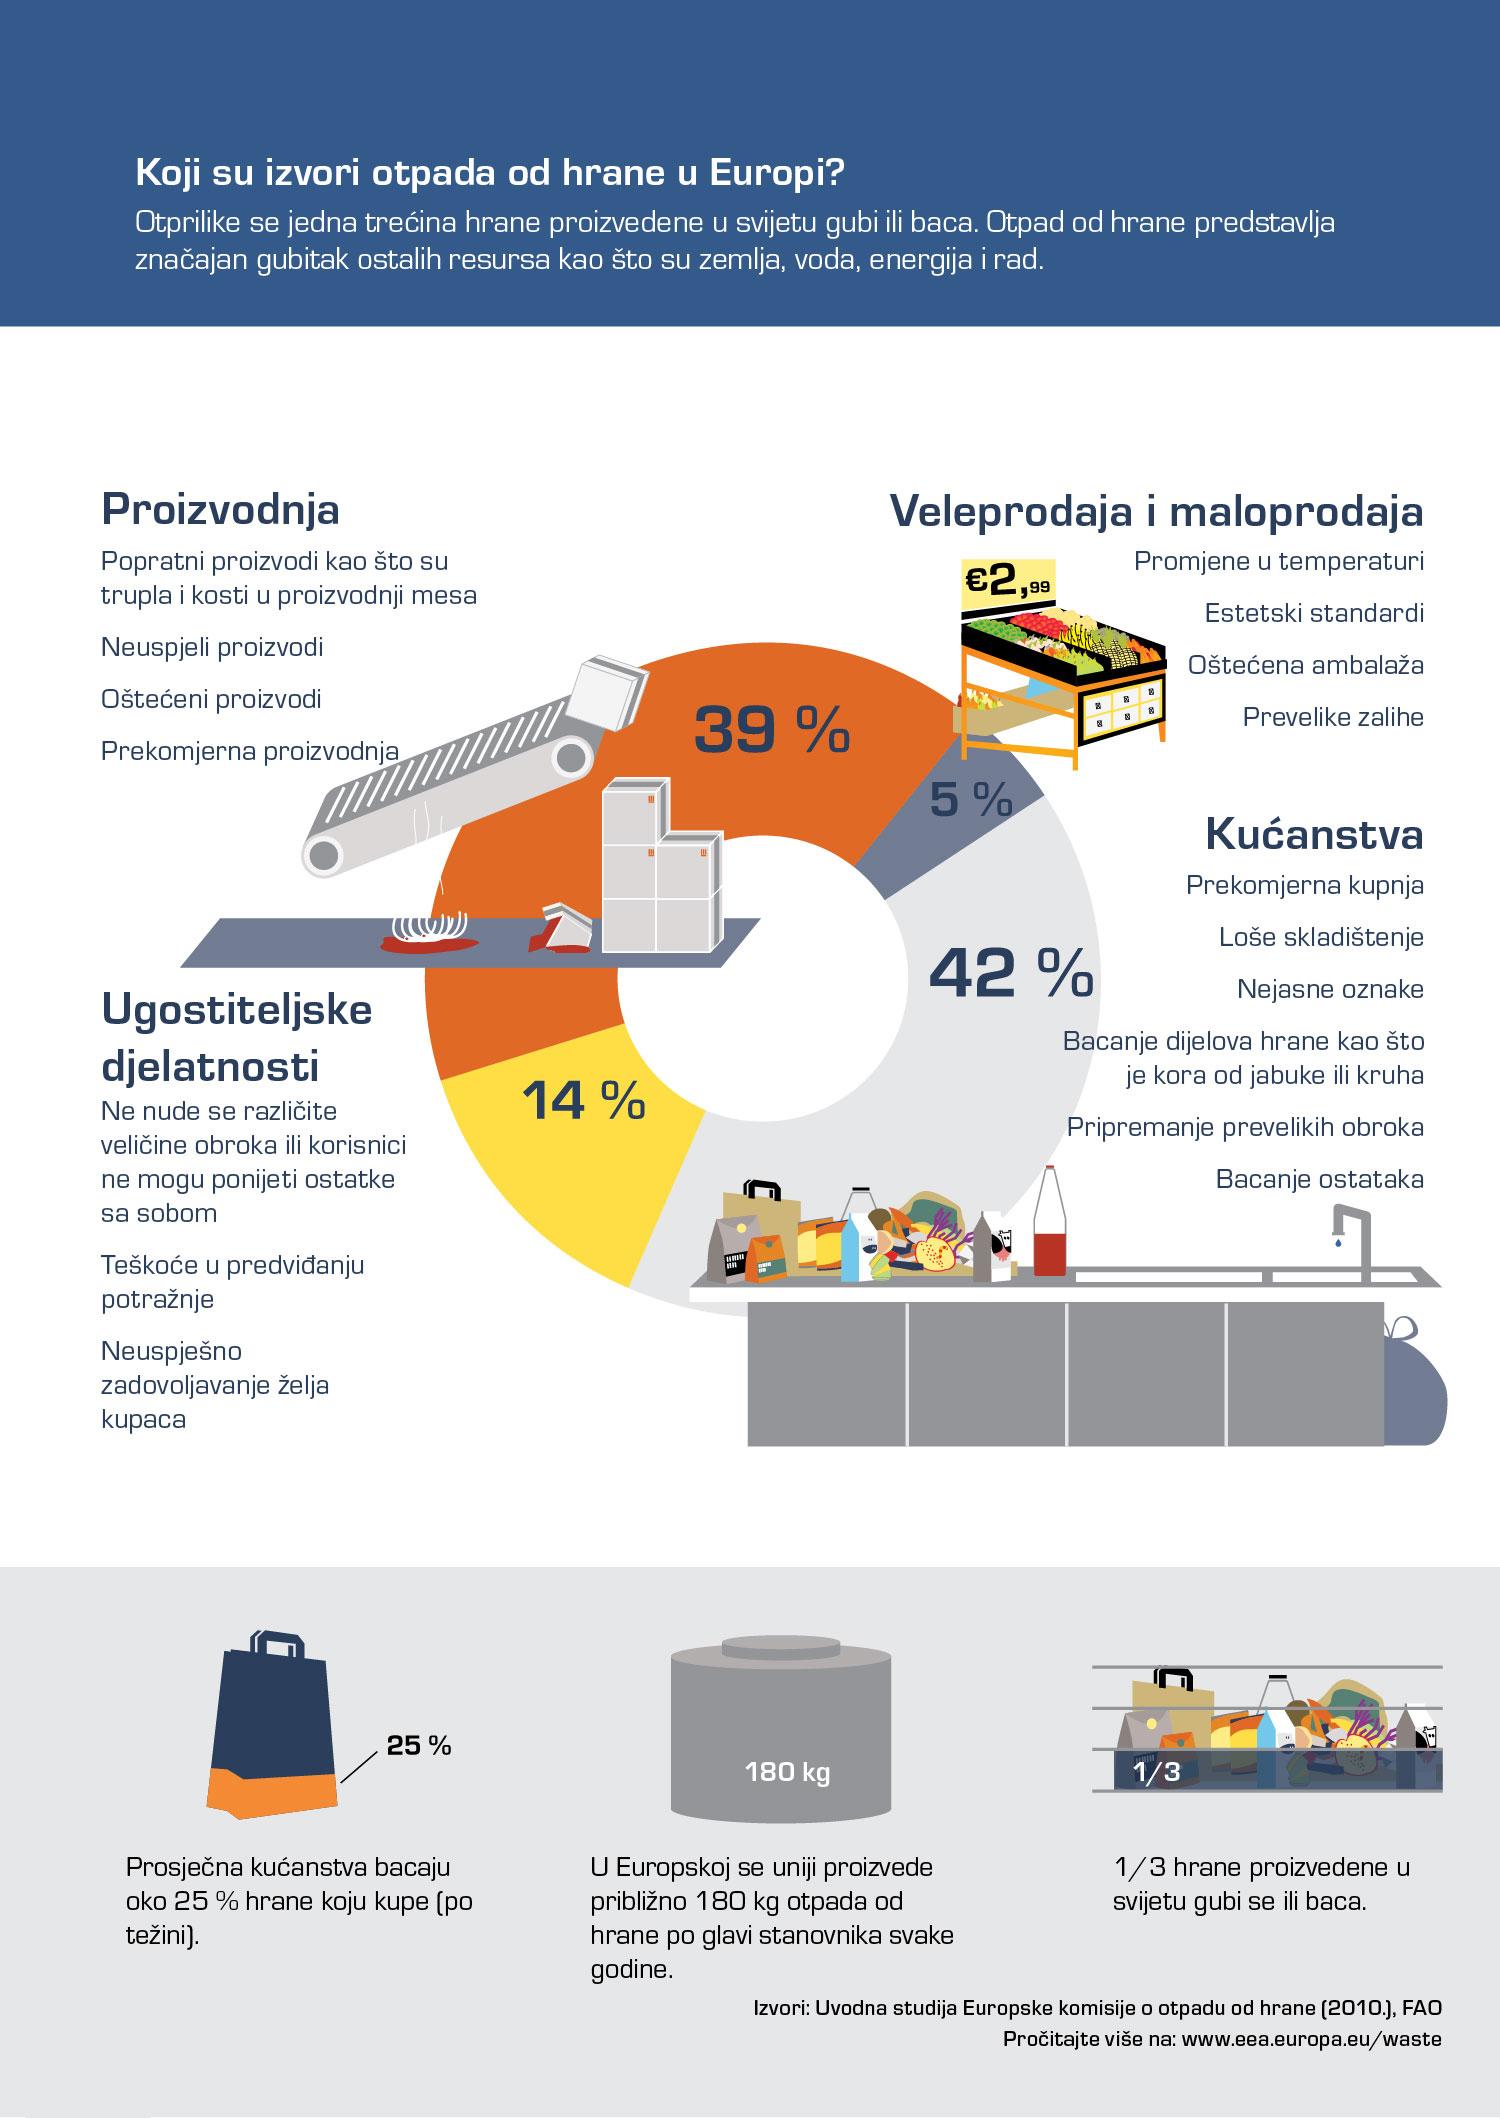 Koji su izvori otpada od hrane u Europi?